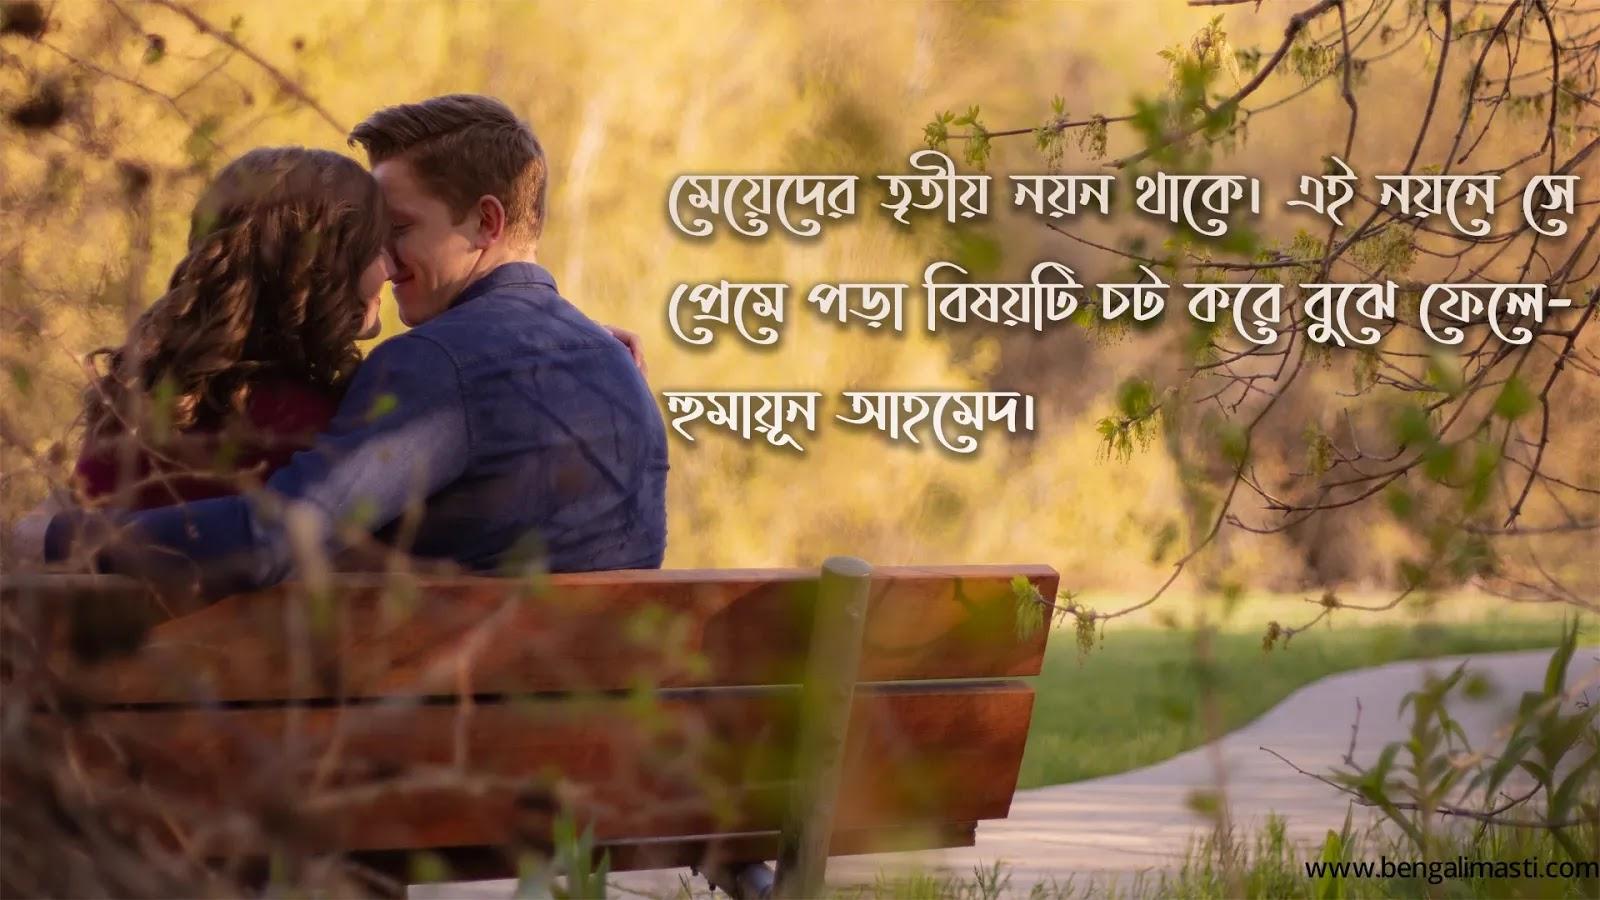 bengali sad quotes images